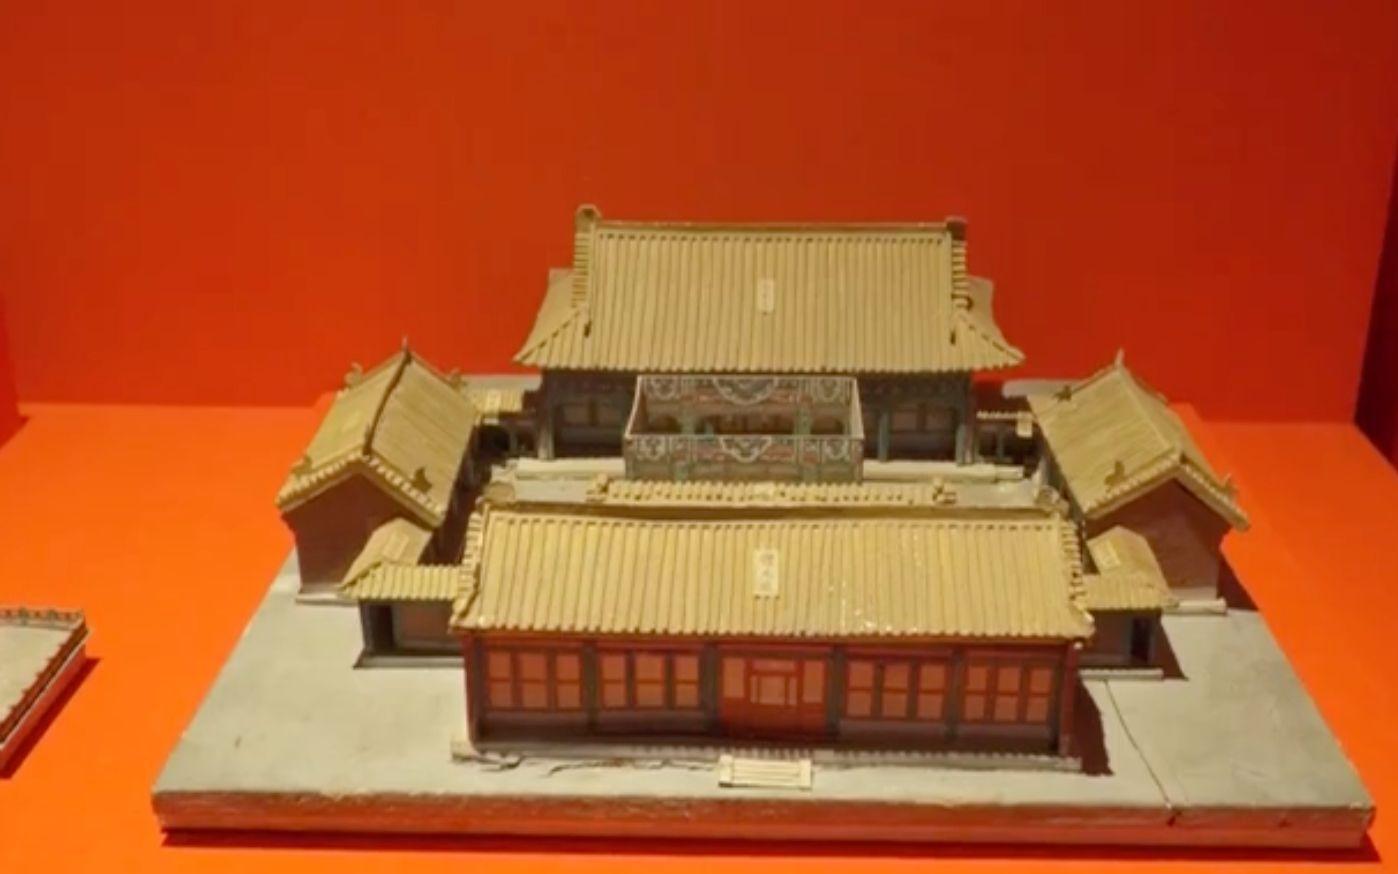 紫禁城六百年展埋了多少知识点?故宫官方解读大展细节图片